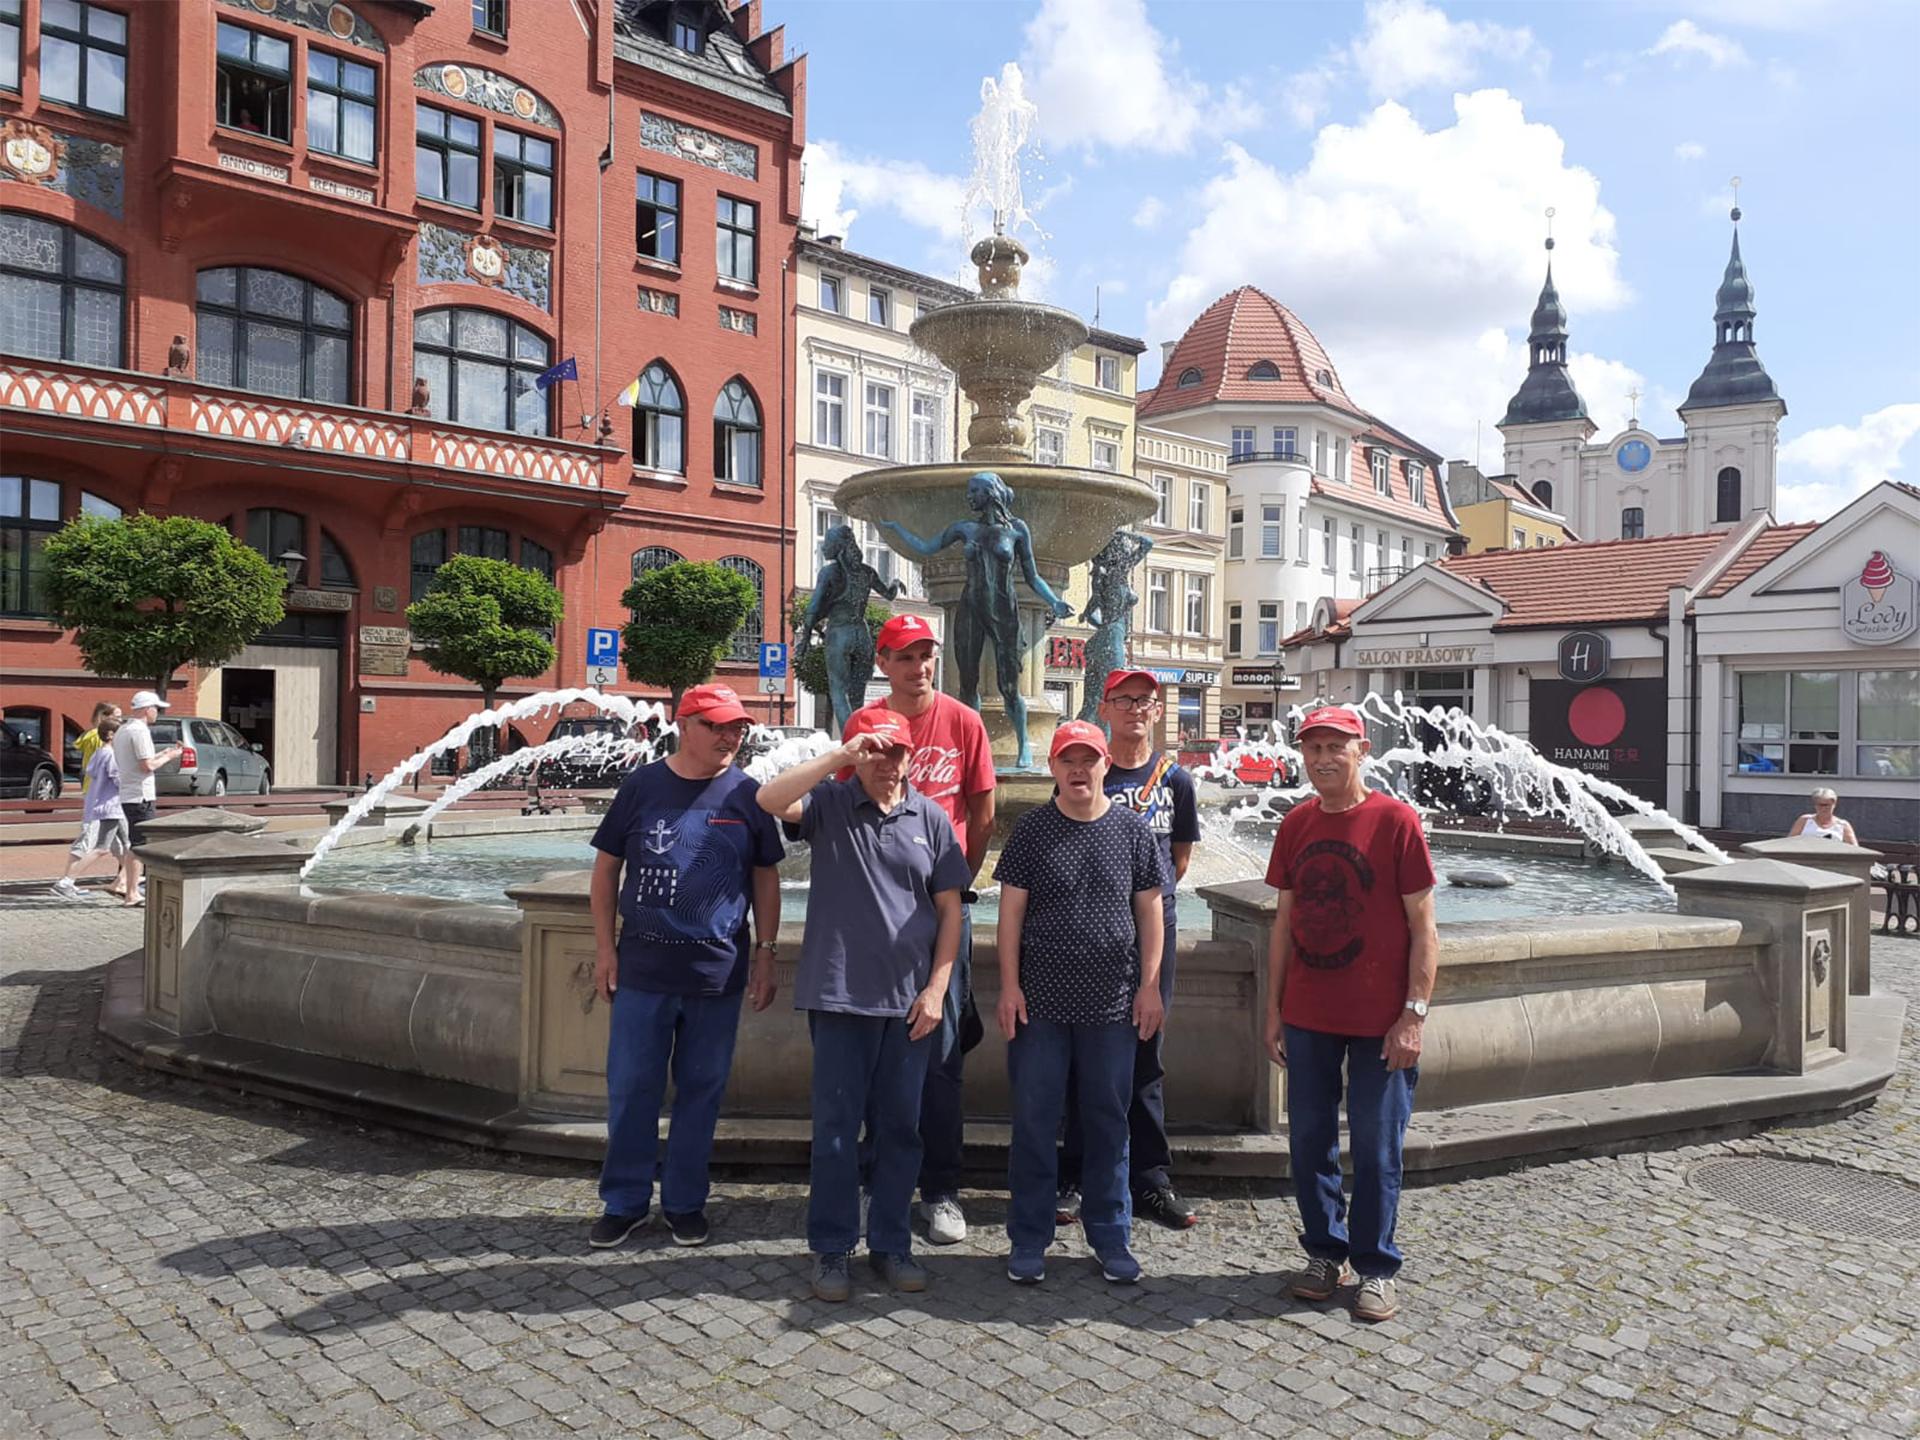 Sześciu mieszkańców stoi przy fontannie na rynku w Chojnicach. W tle piękne stare wysokie kamienice